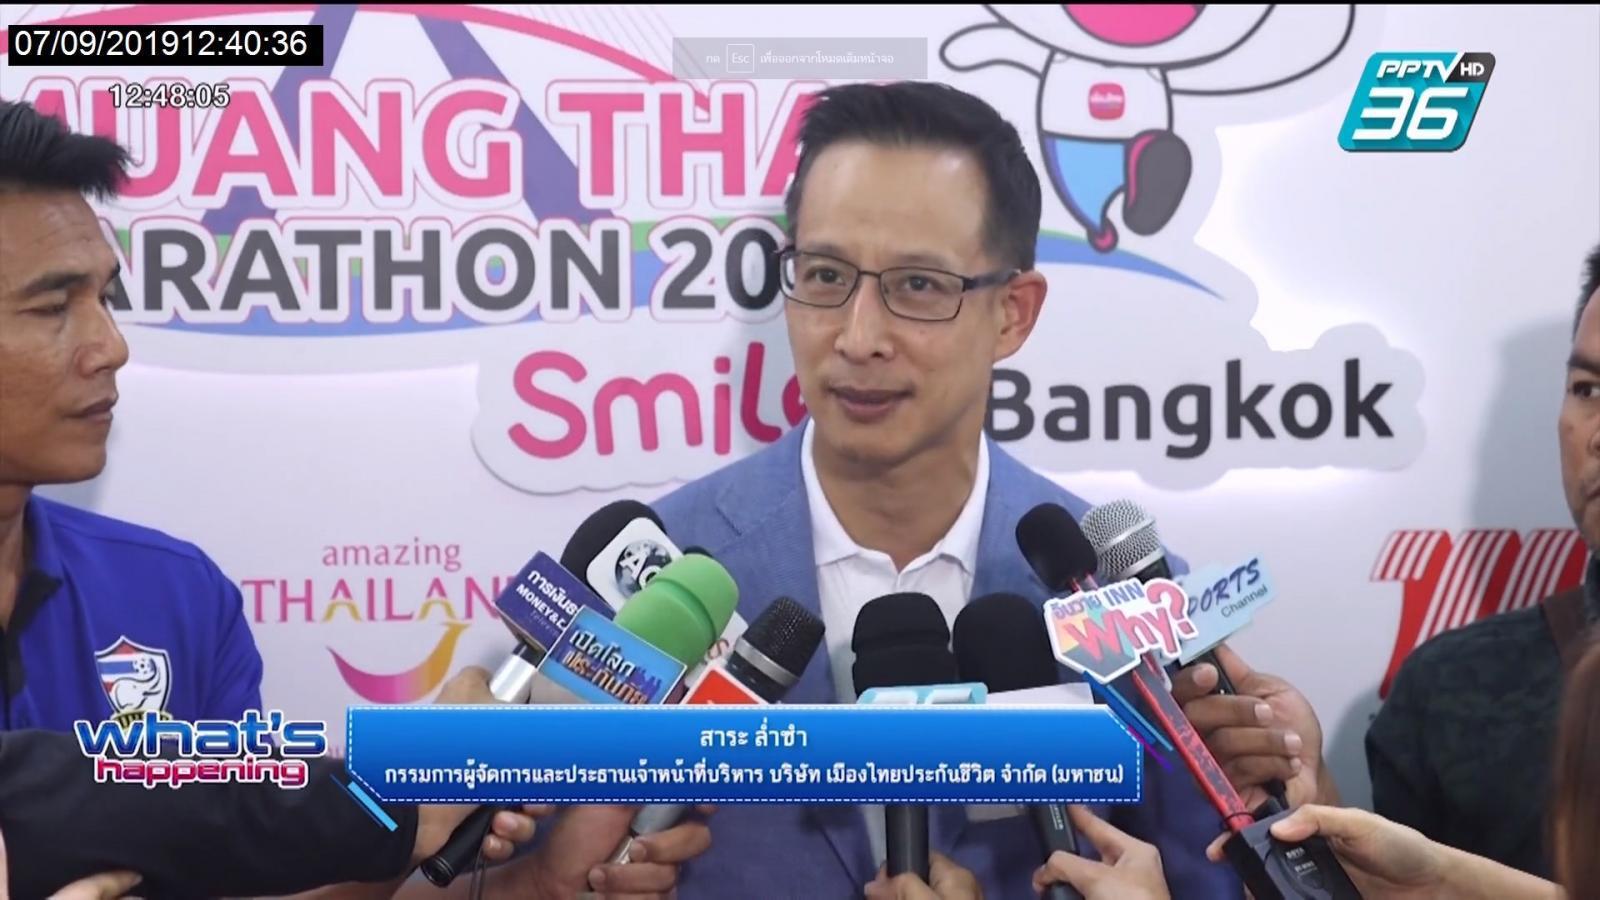 """เมืองไทยประกันชีวิตผนึกพันธมิตรร่วมจัดงาน """"เมืองไทยมาราธอน 2019"""""""